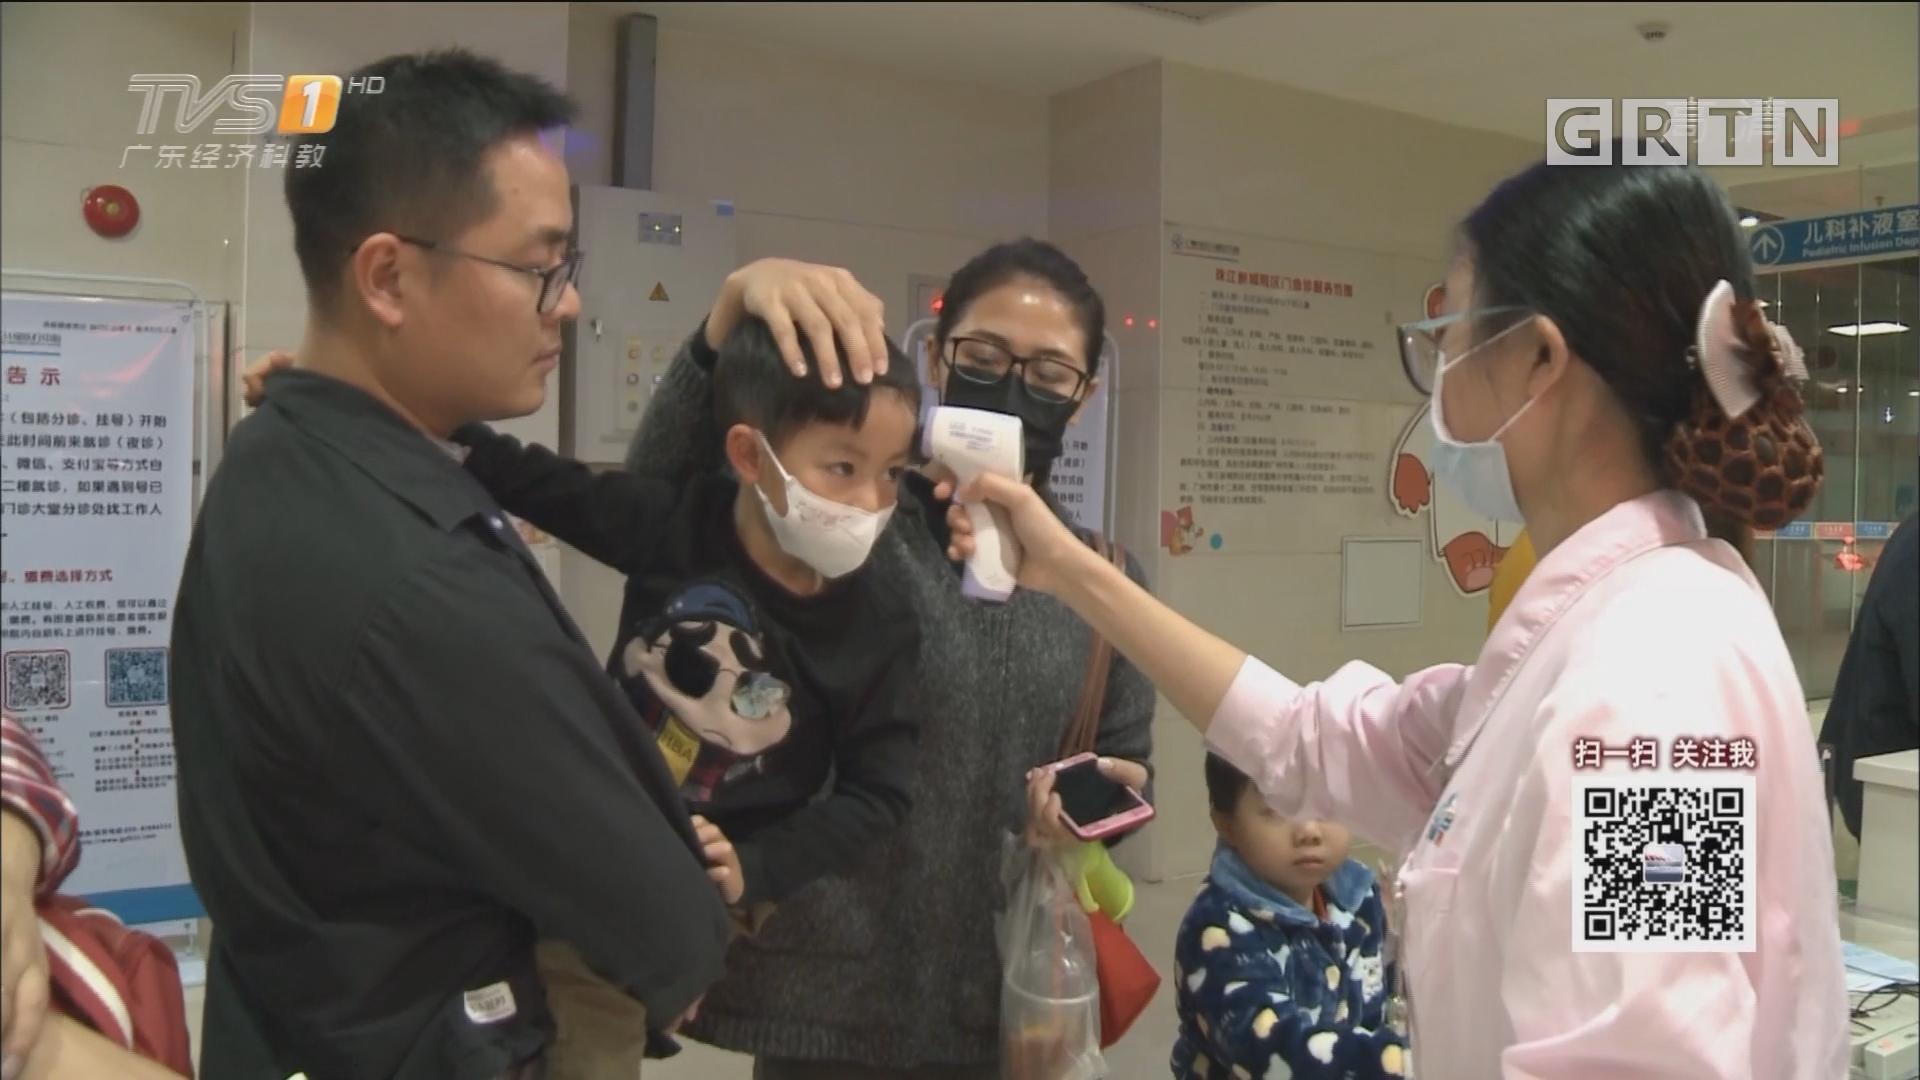 广州:5月1日公立医院六岁以下儿童医疗服务价格上涨